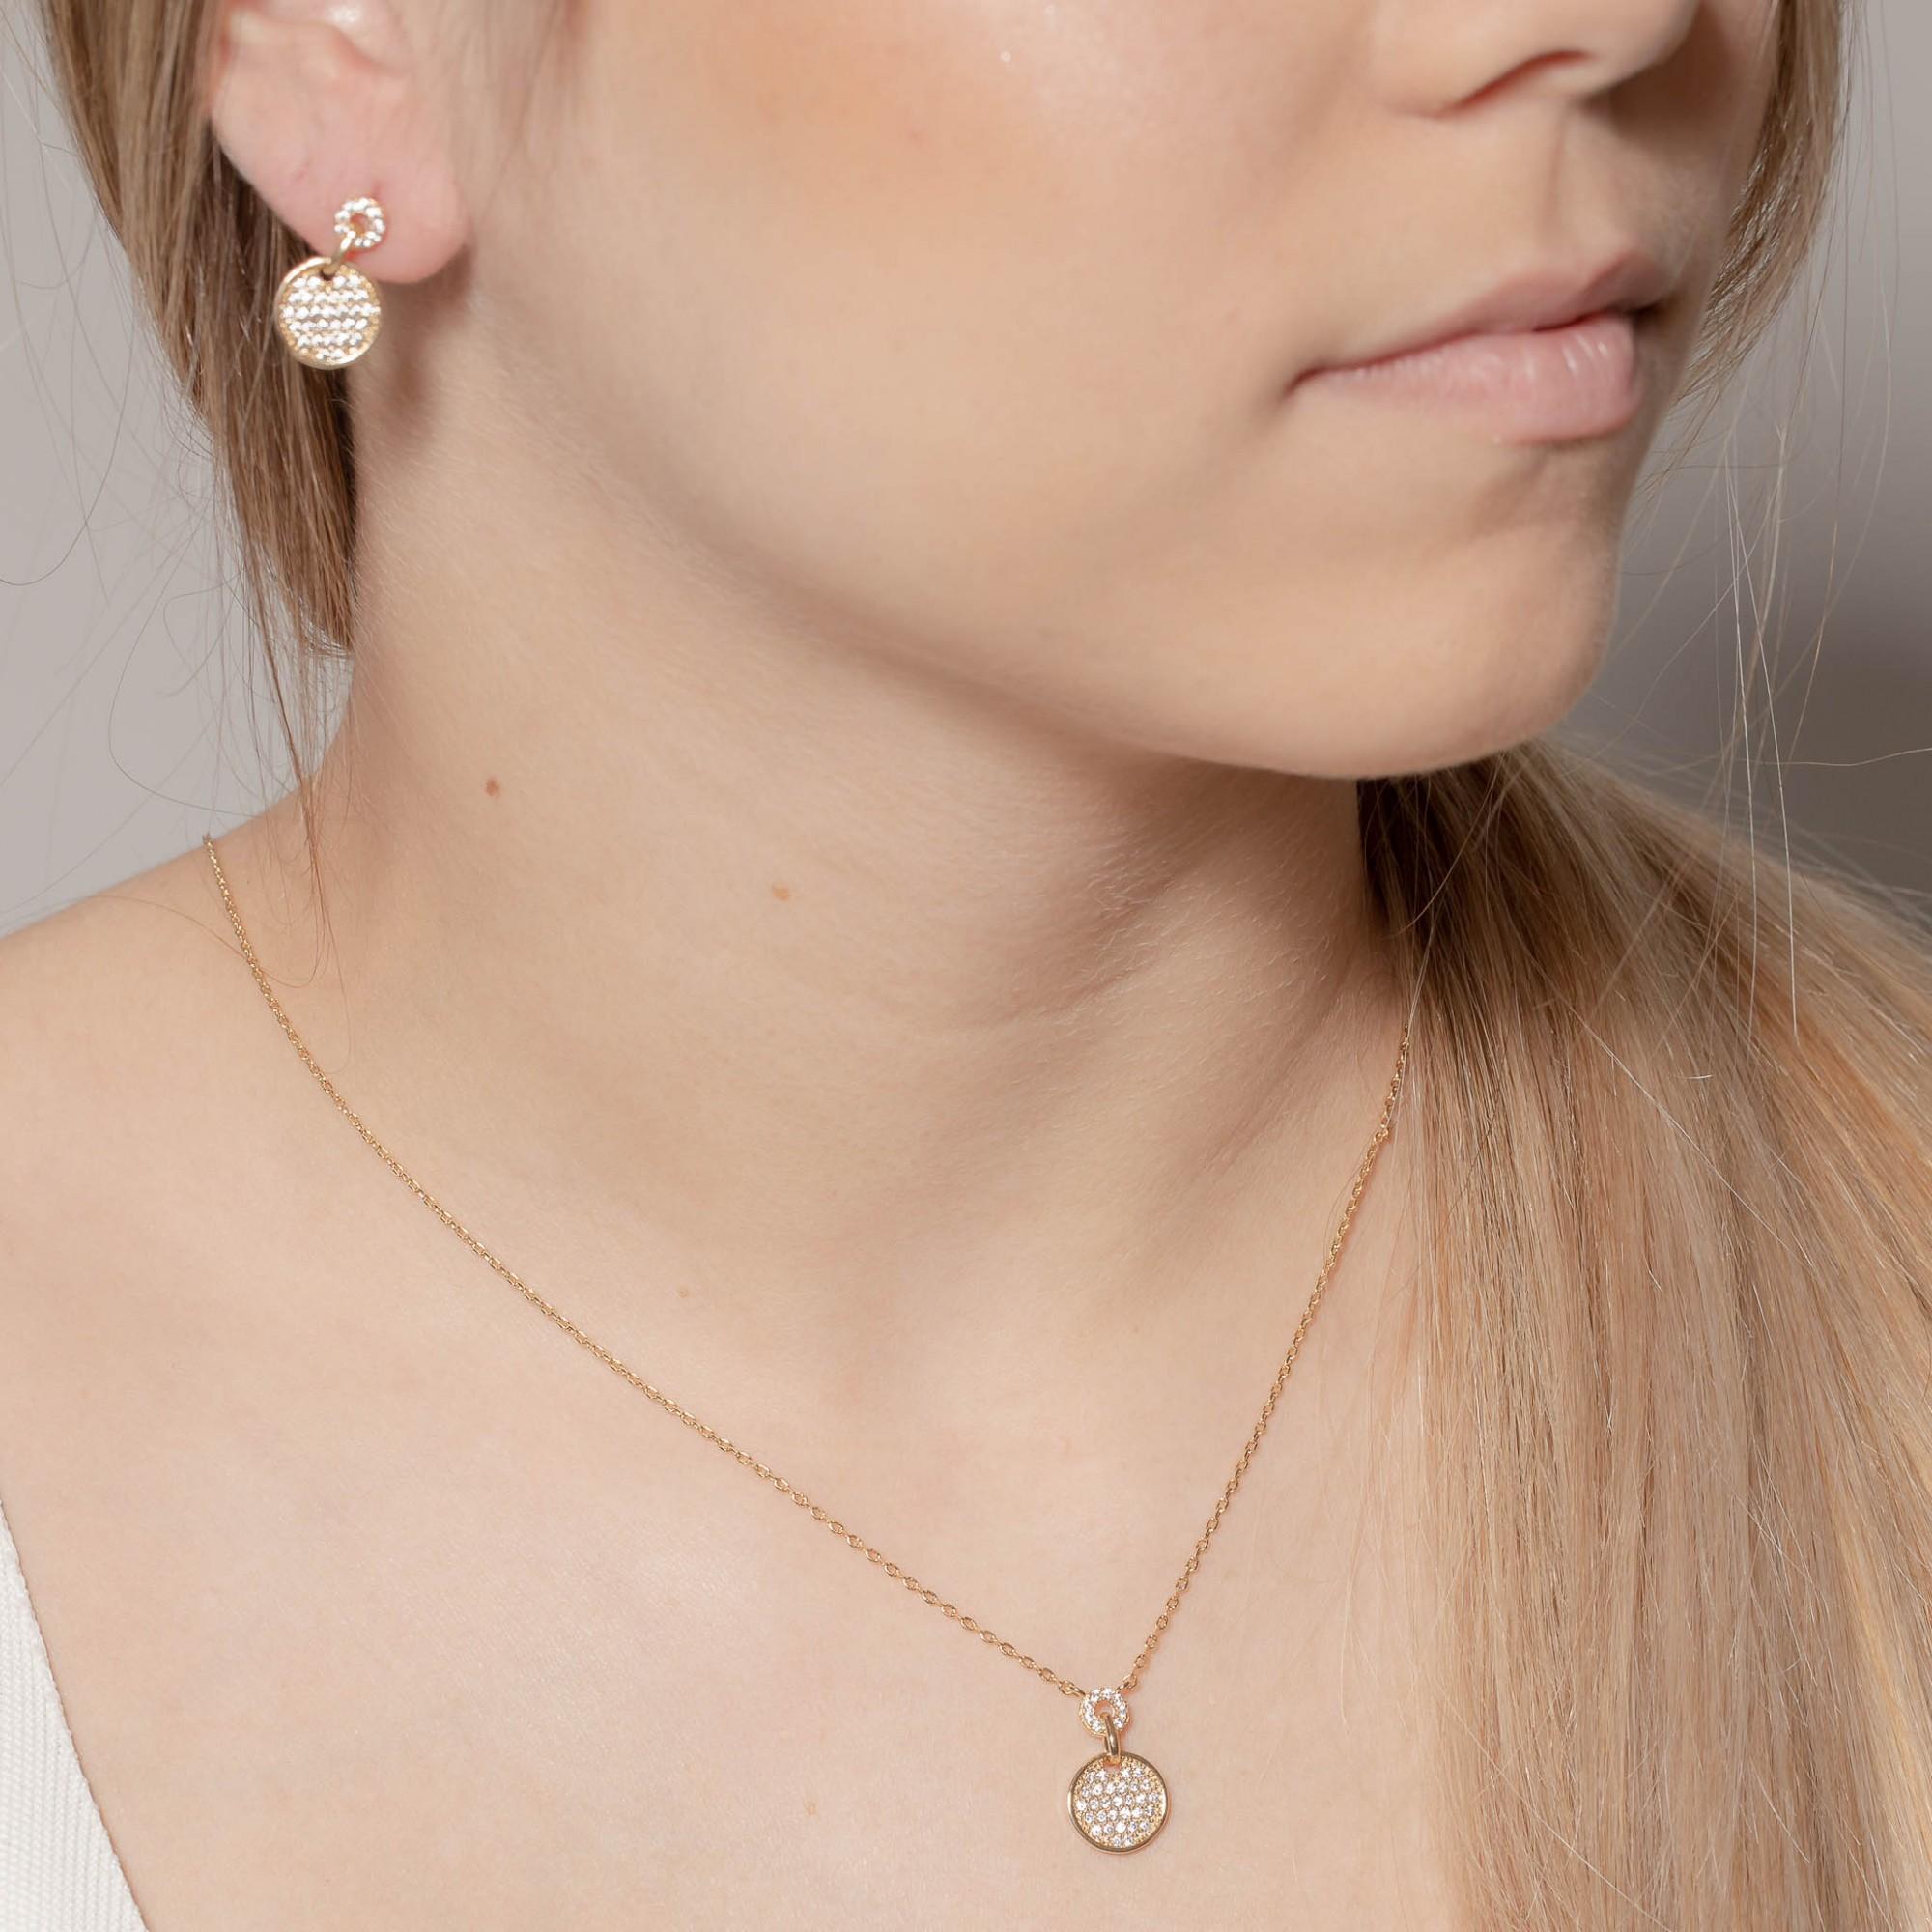 Conjunto cravejado com micro zircônias cristais banhado a ouro 18k  - bfdecor.com.br